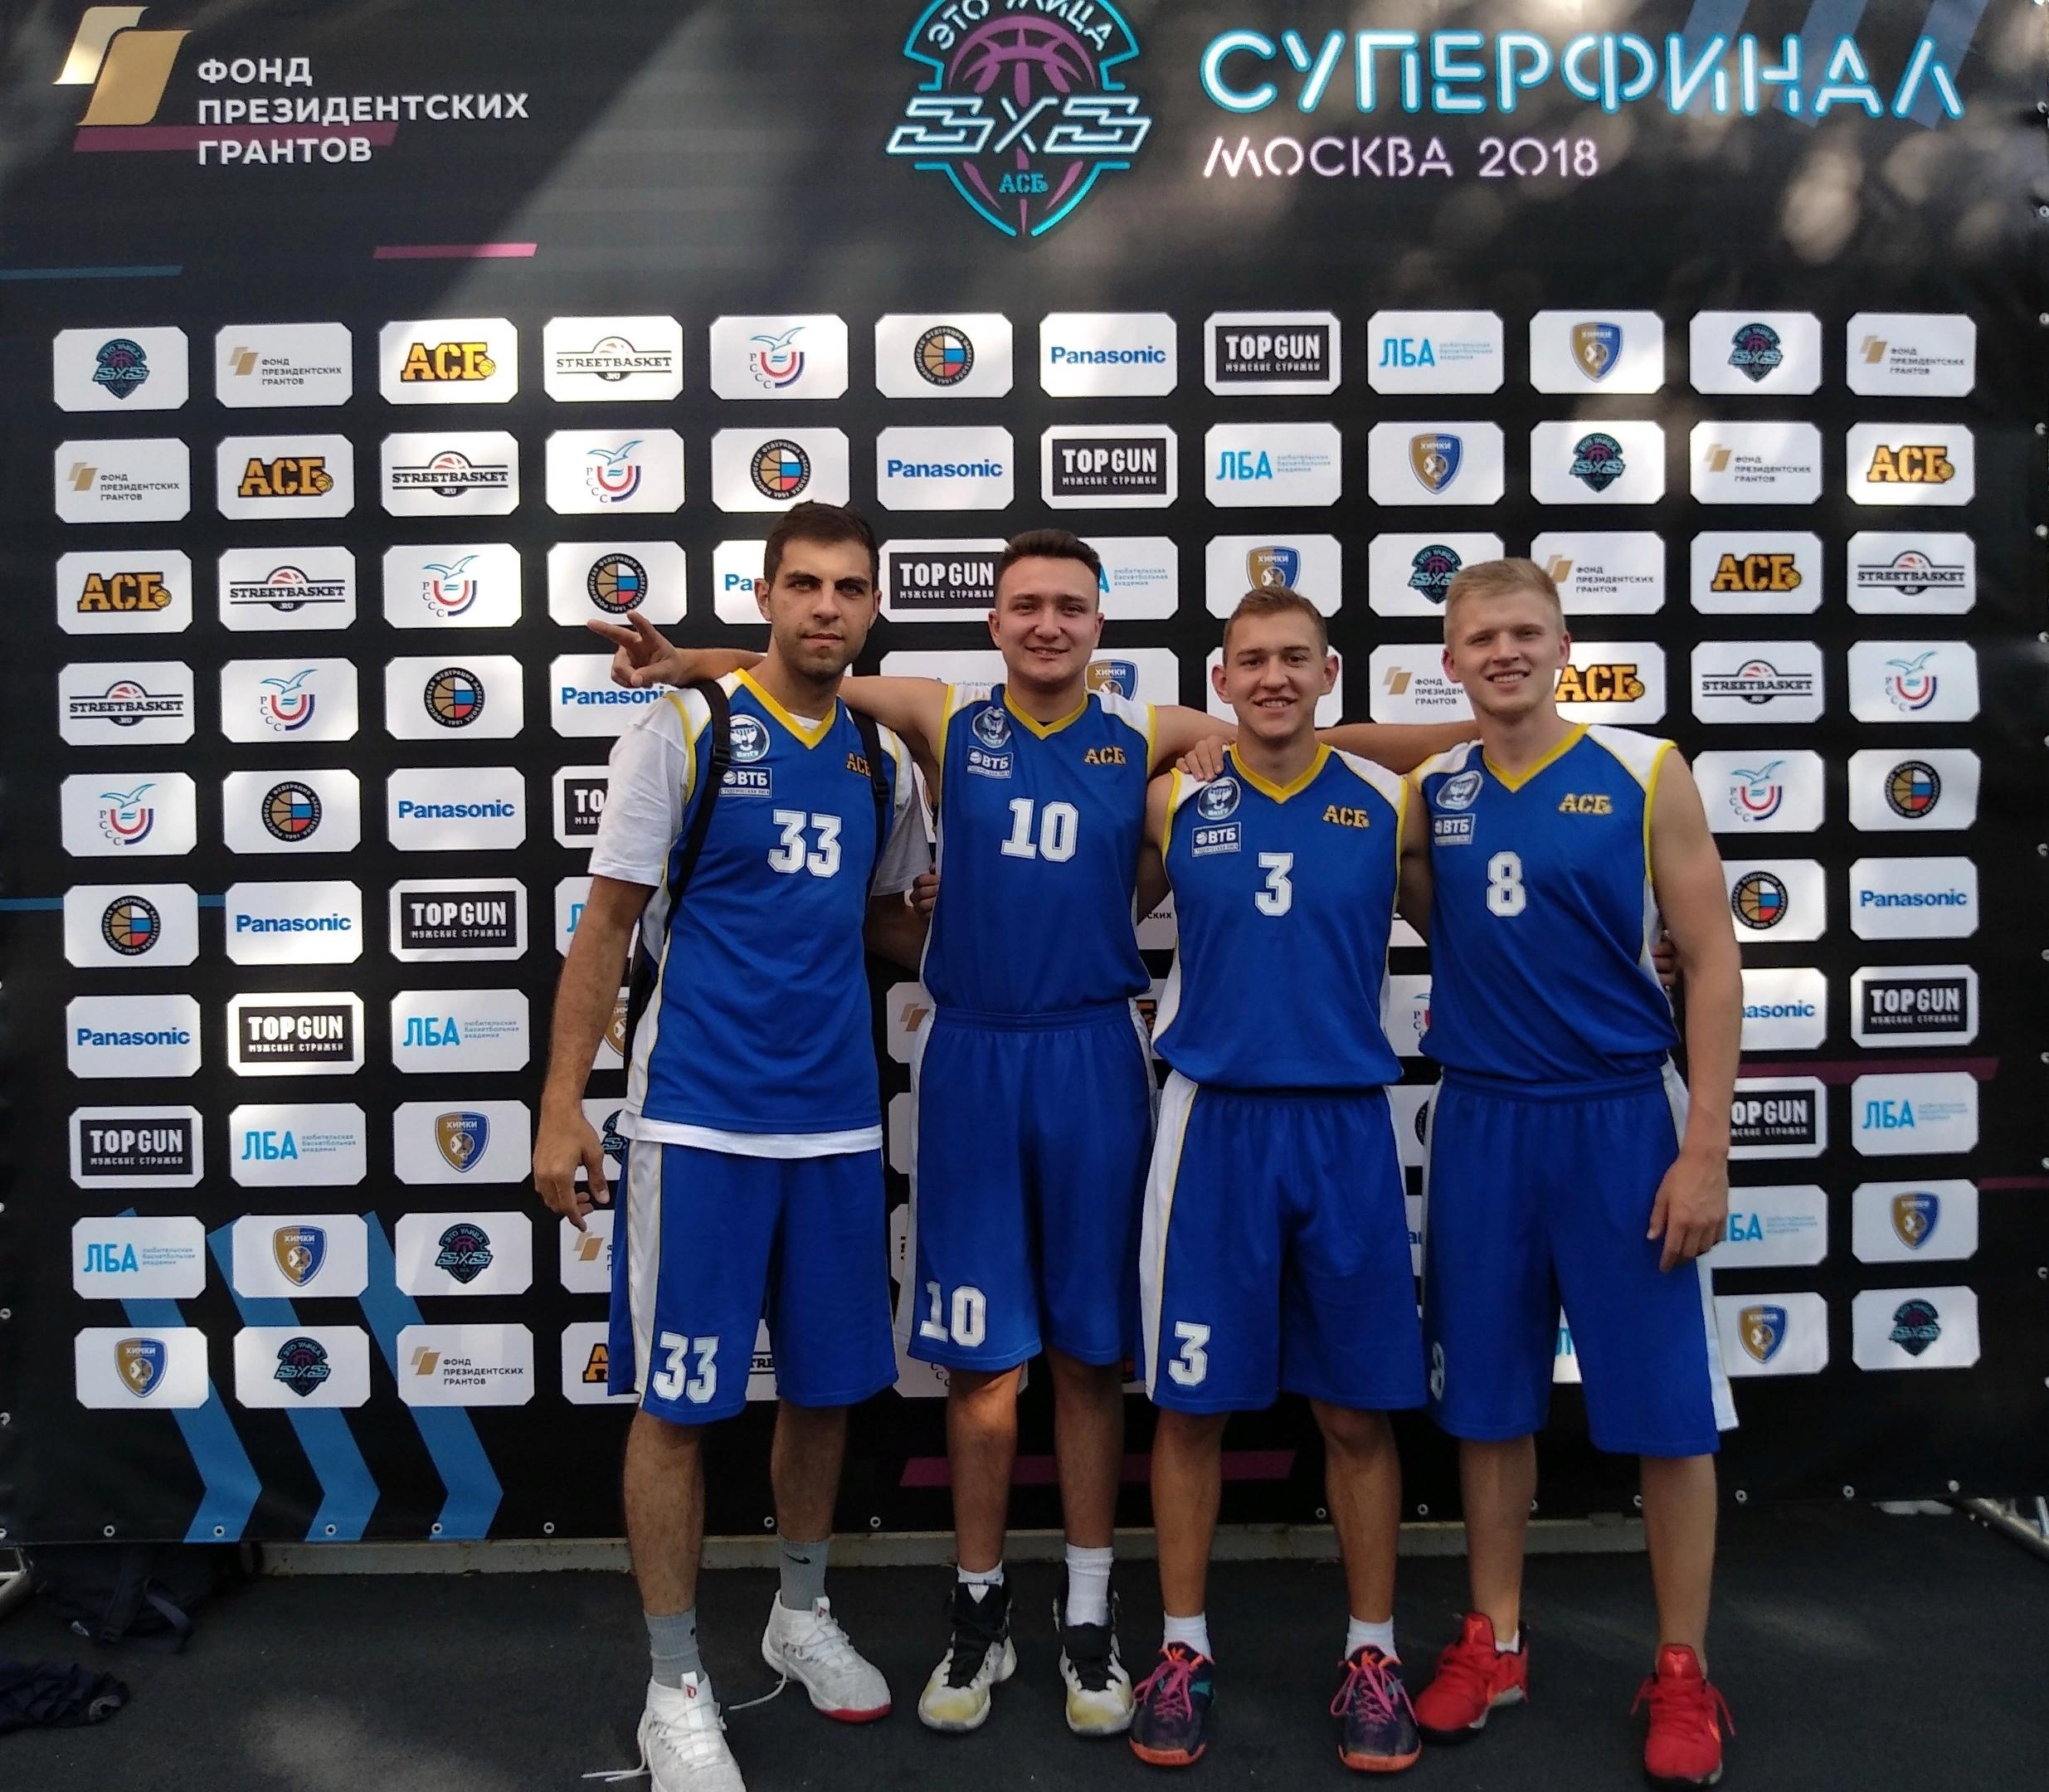 08a3465b В Кирове индивидуальное мастерство игроков чуть повыше, более умный  баскетбол. В СГУ был акцент на всю команду, на один живой организм.